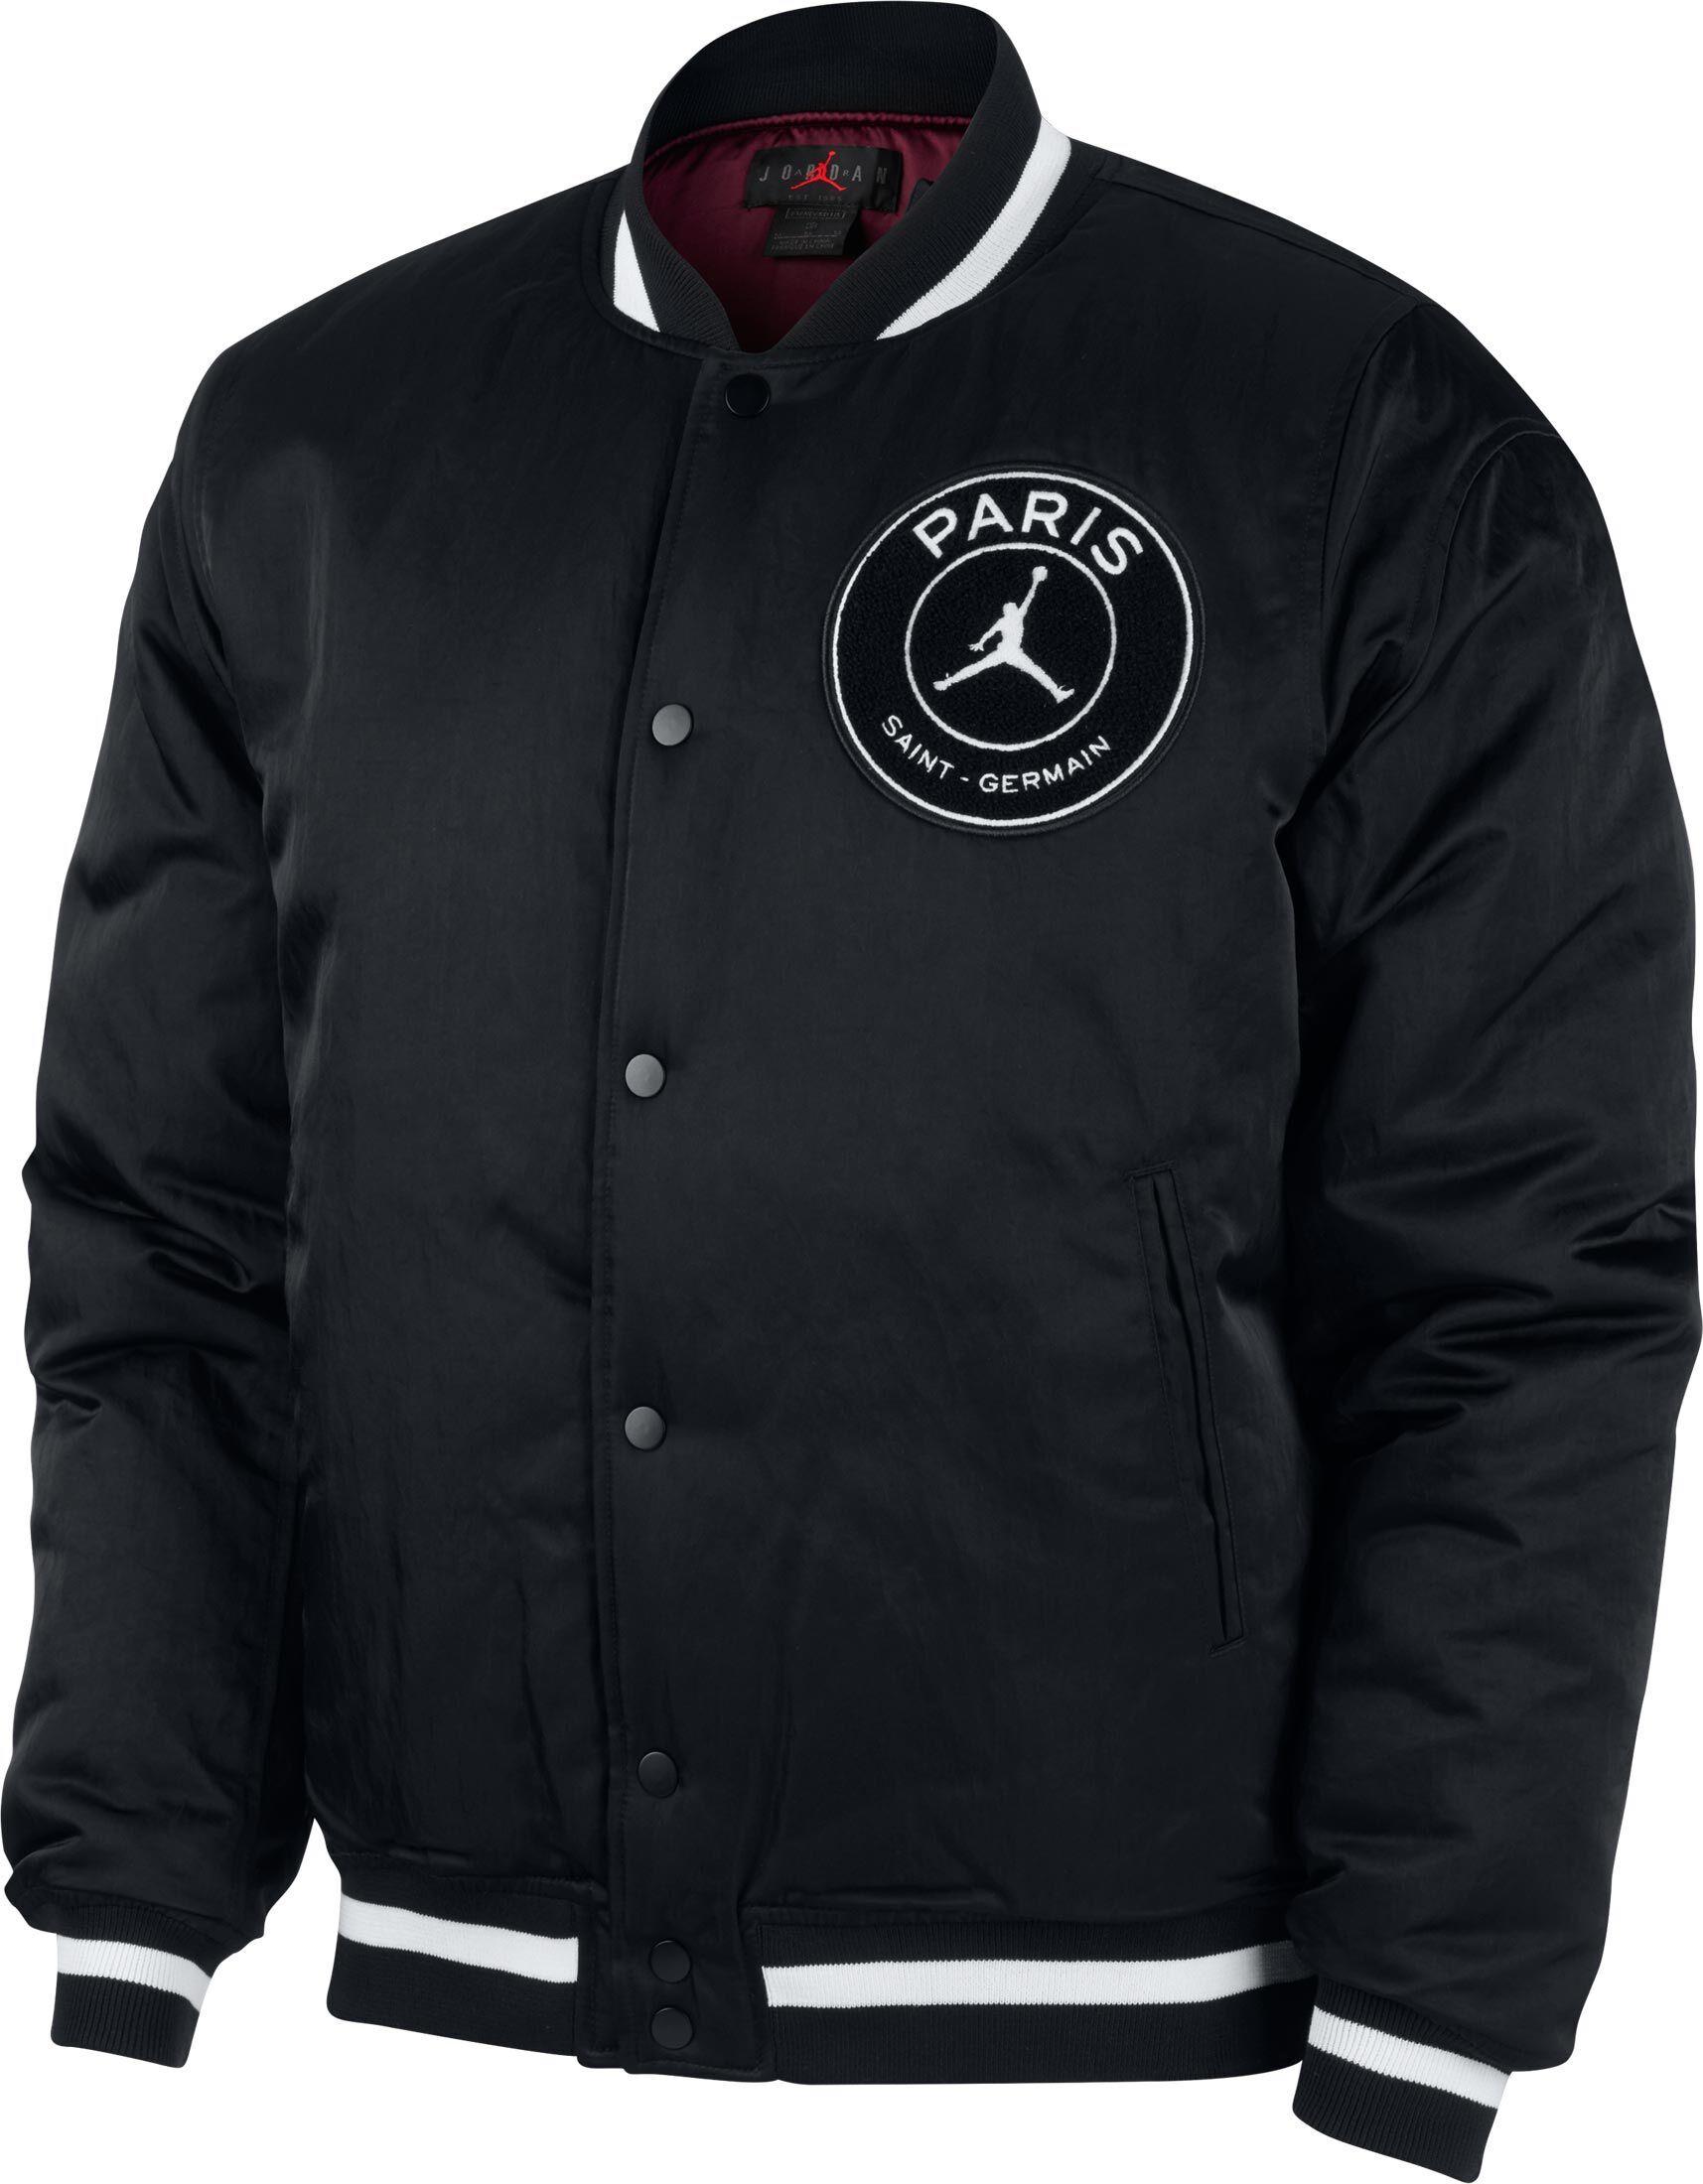 Jordan Paris Saint-Germain, taille M, homme, noir